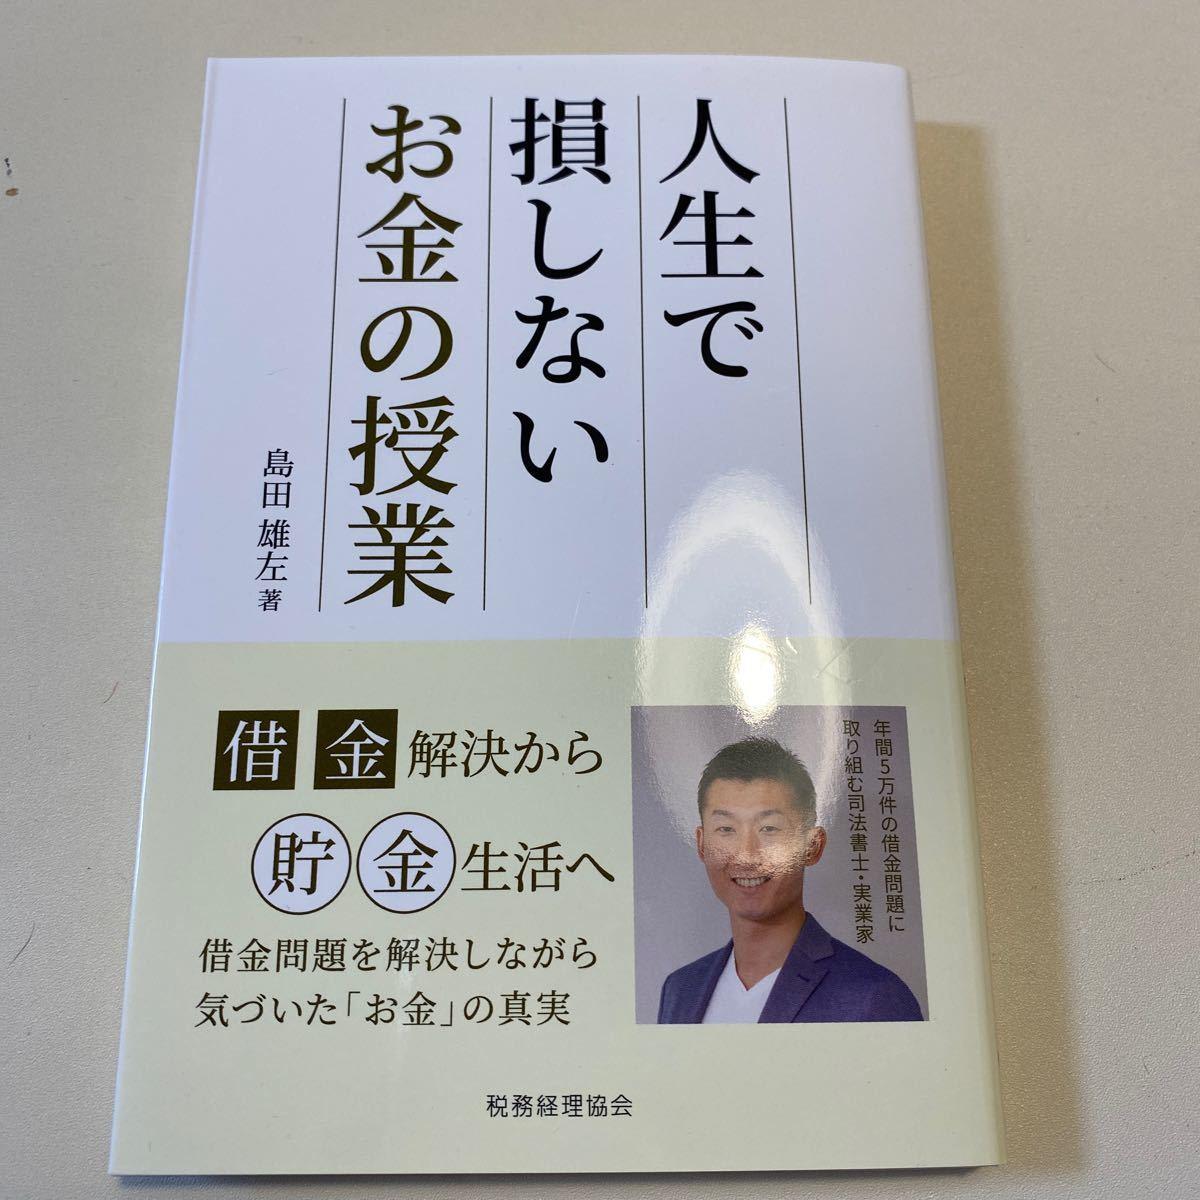 人生で損しないお金の授業 借金解決から貯金生活へ/島田雄左